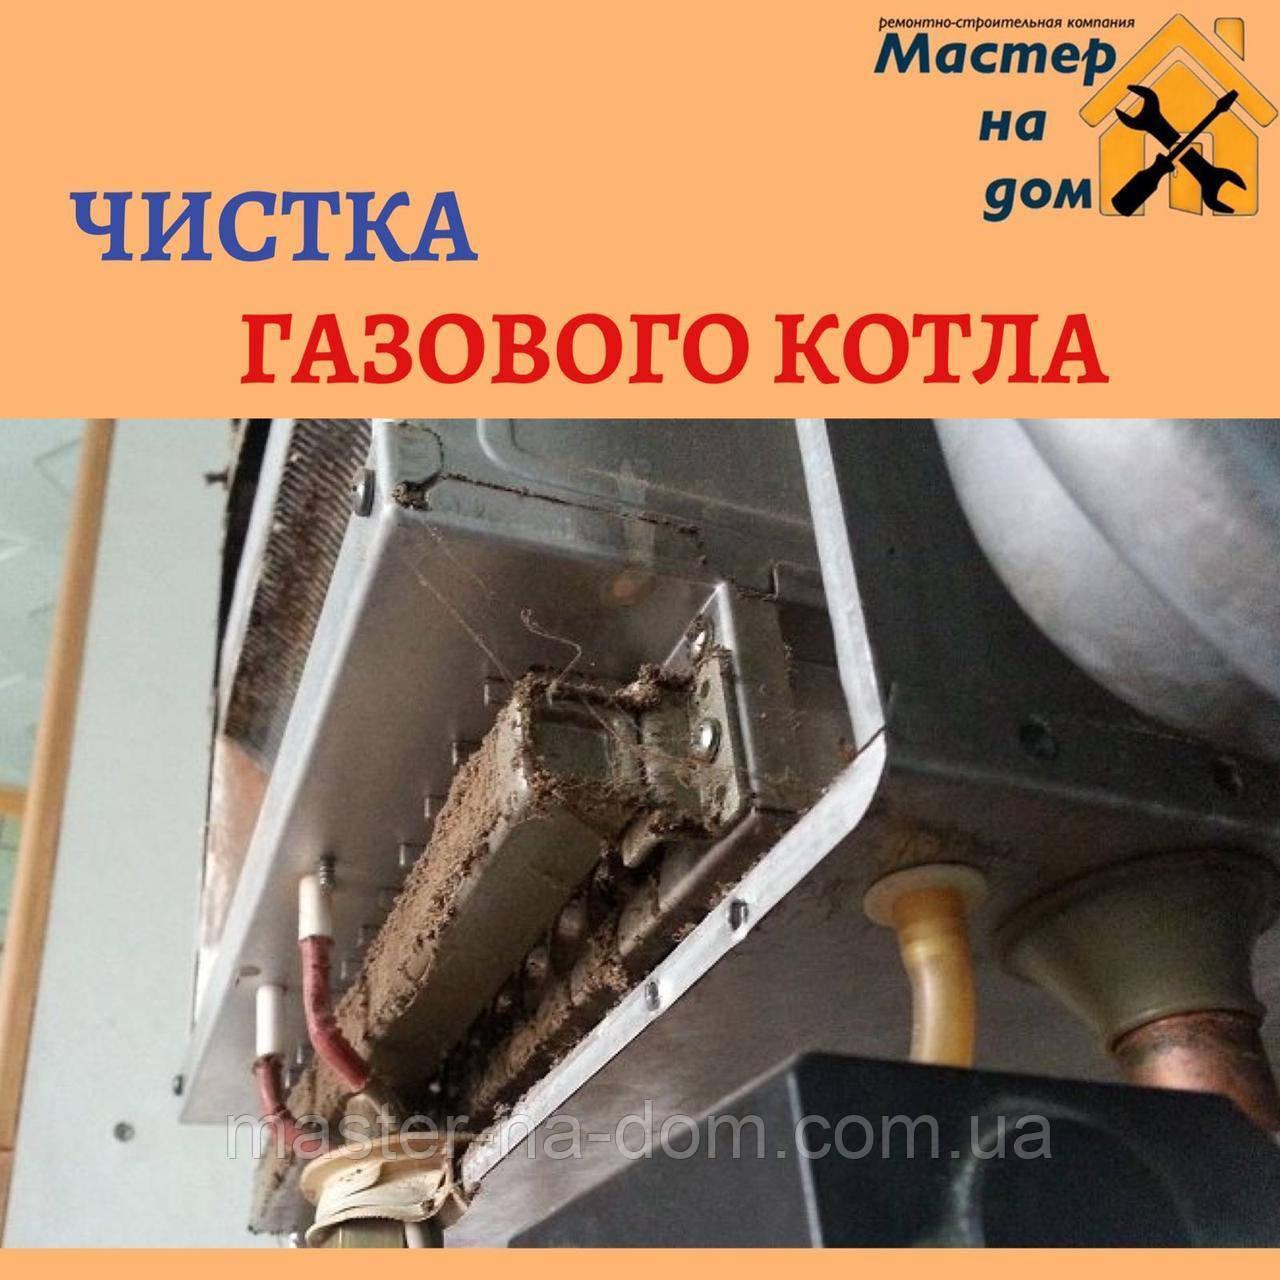 Чистка газового котла с гарантией в Ивано-Франковске